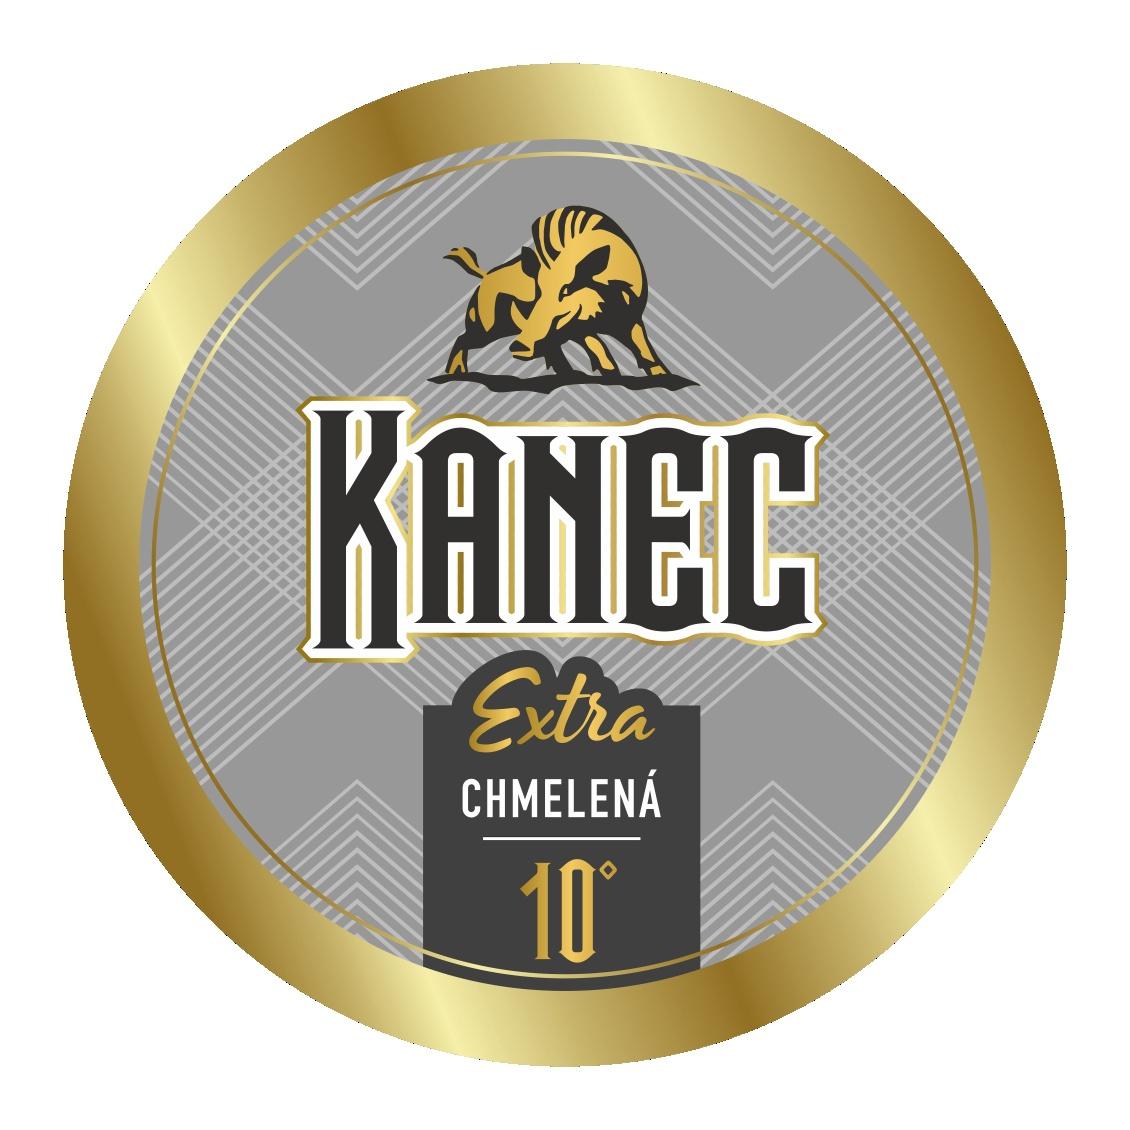 Kanec Extra chmelená 10° – Zámecký pivovar Břeclav